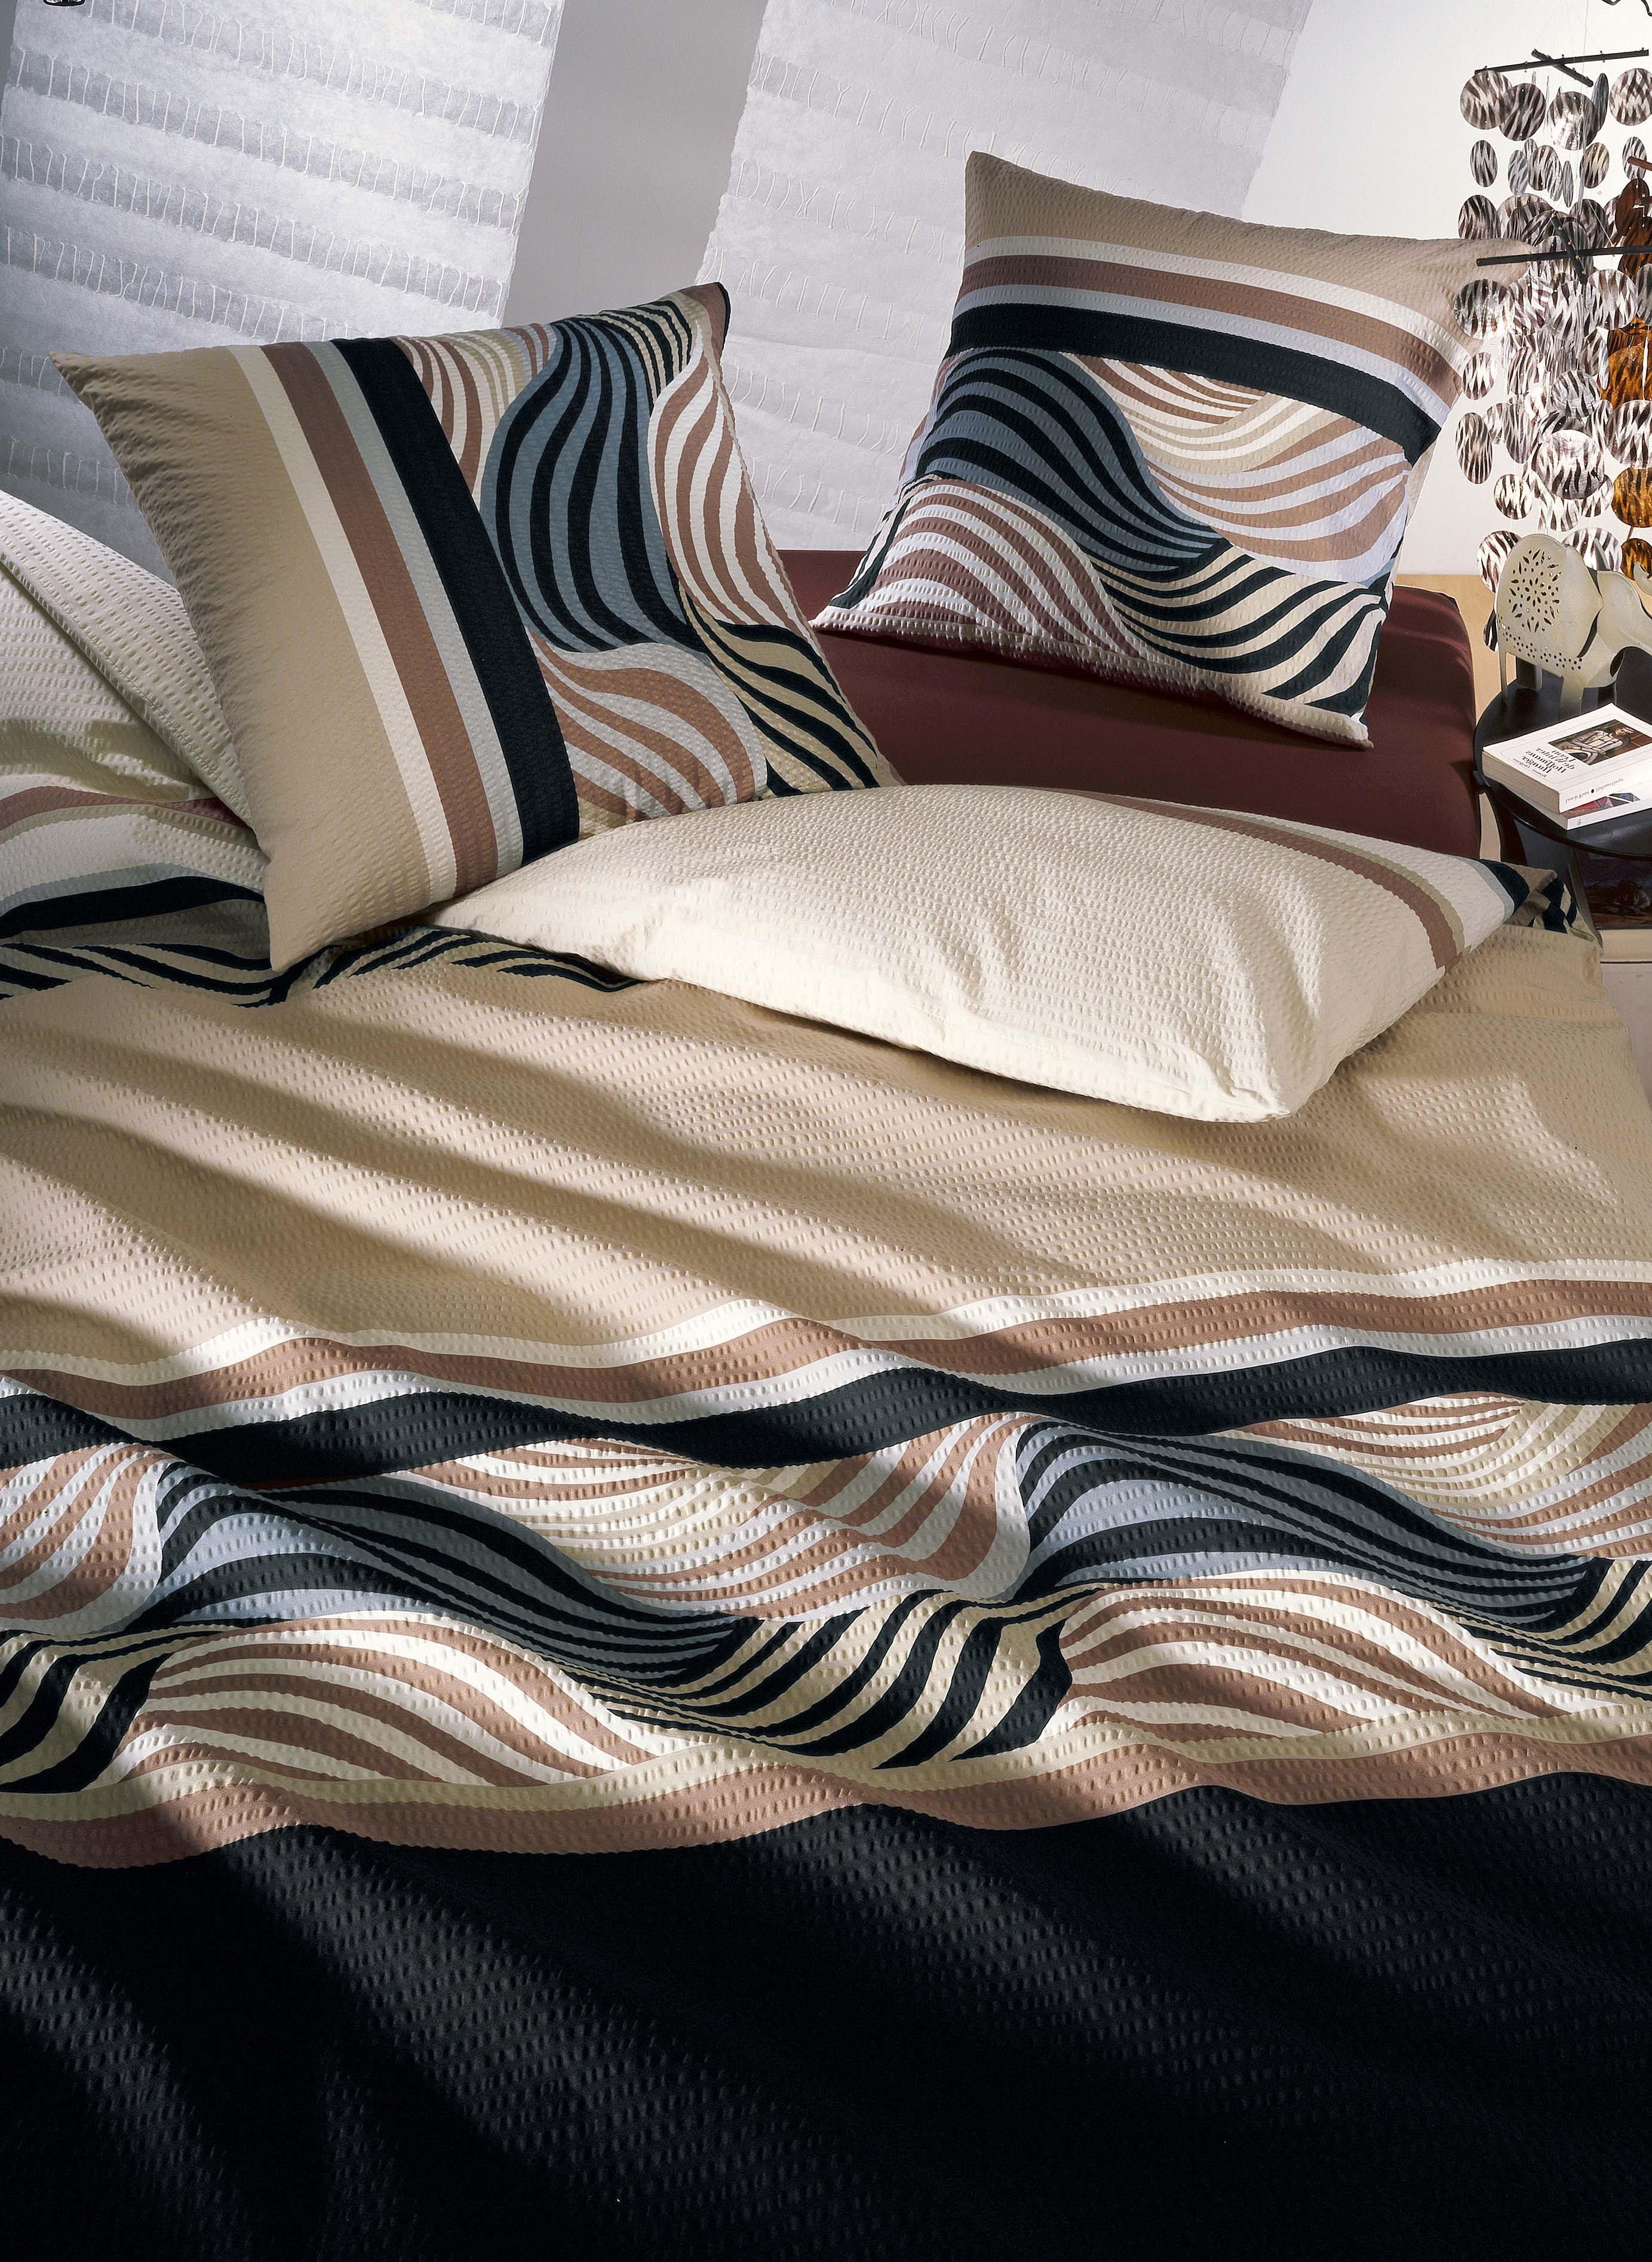 Biancheria da letto in seersucker somalia - Biancheria da letto ...